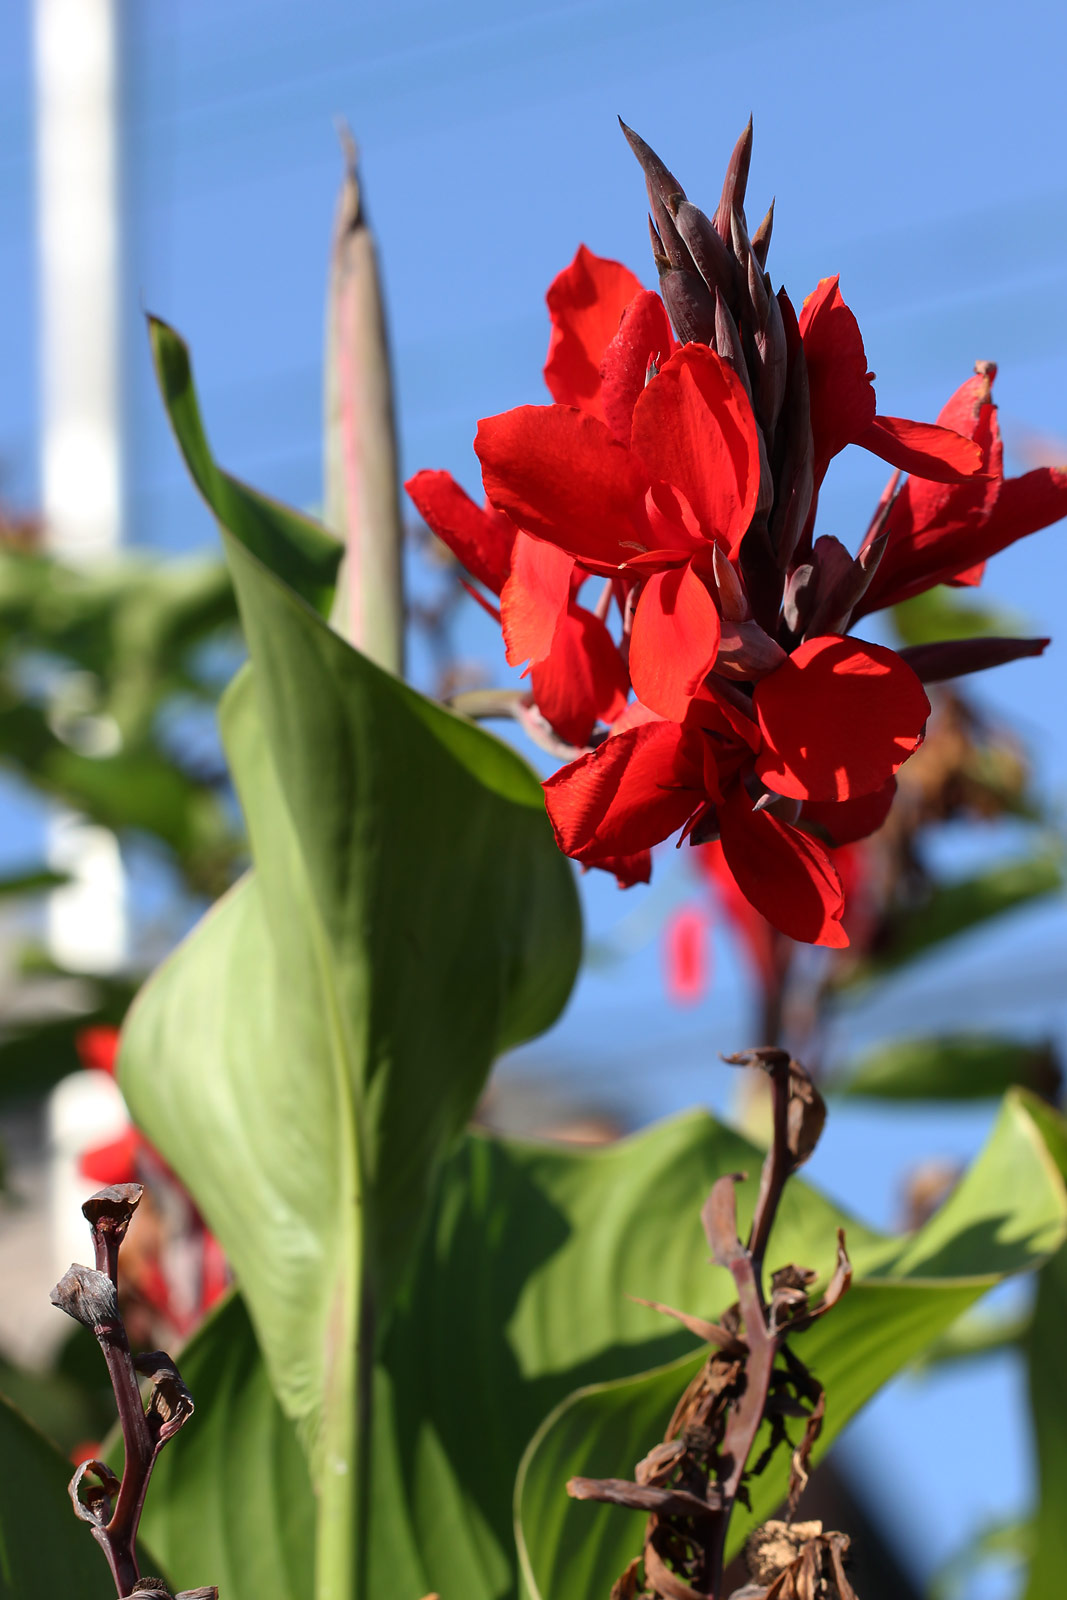 カンナ (植物)の画像 p1_37